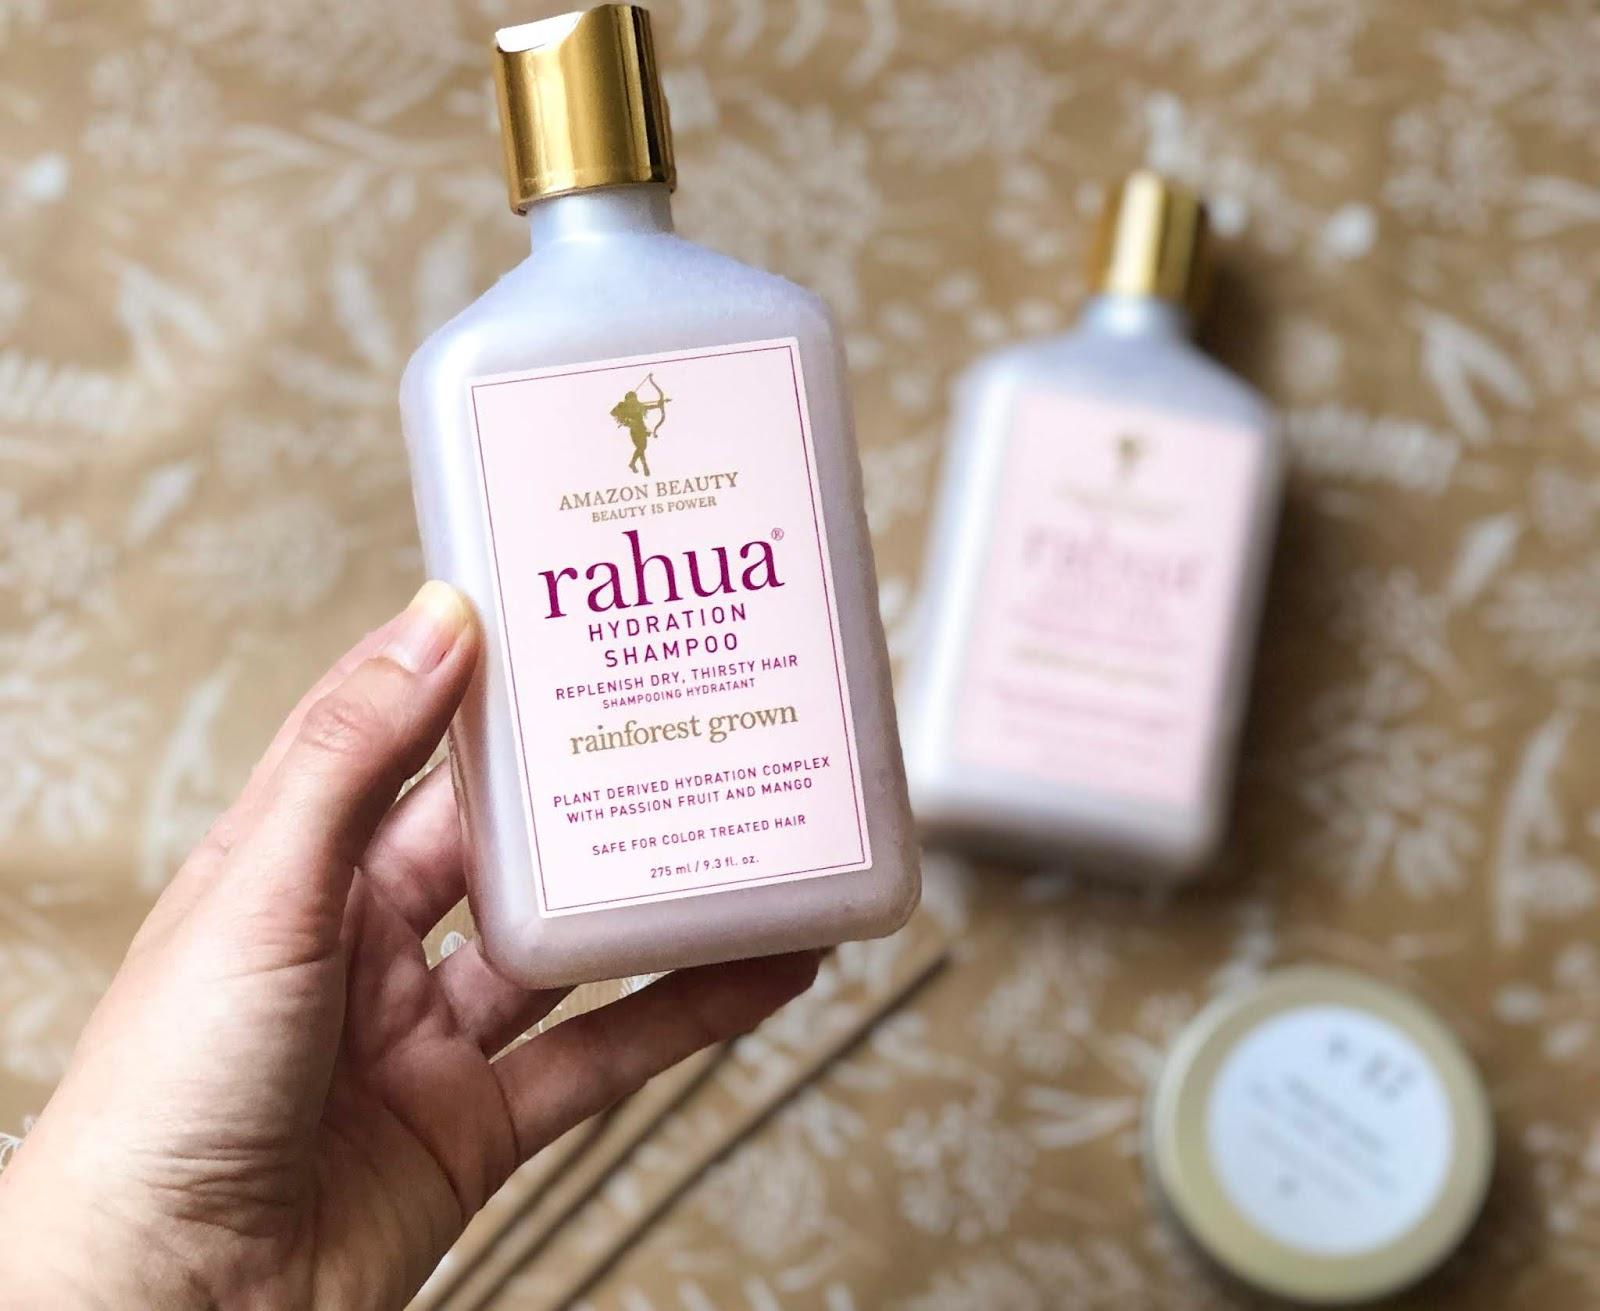 The New Blacck Rahua Hydration Shampoo